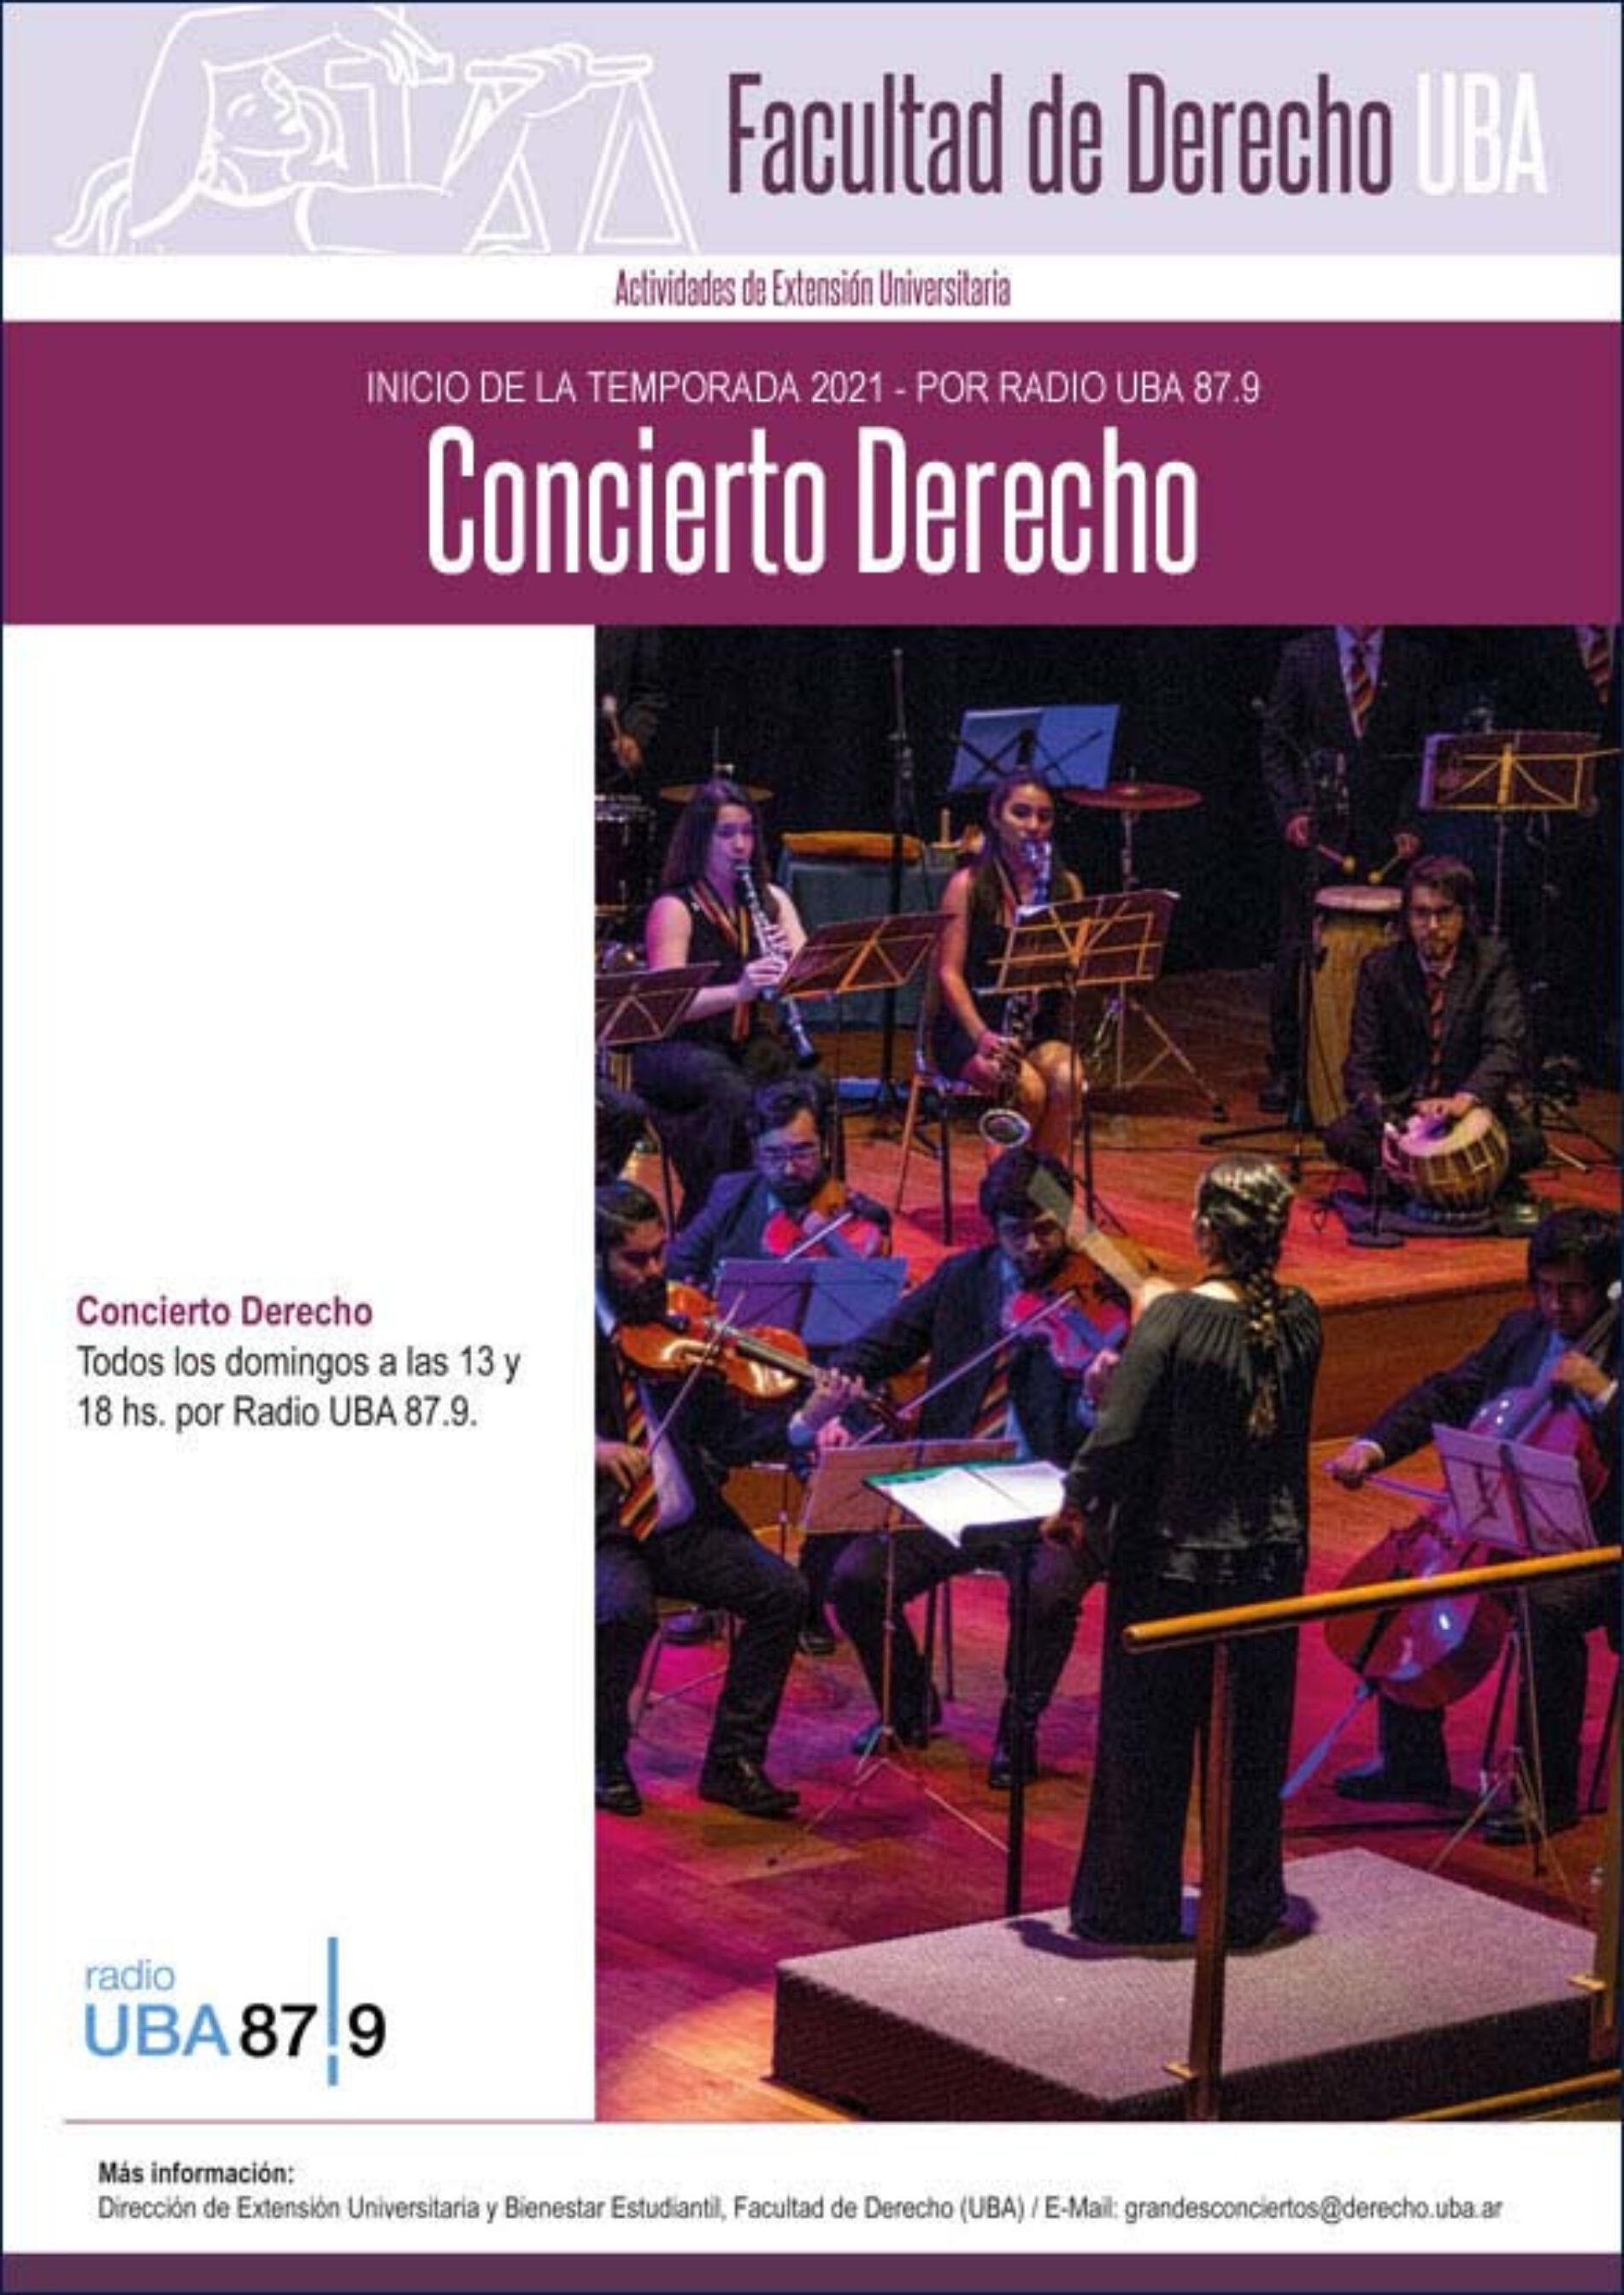 Inicio de la temporada 2021 de «Concierto Derecho», por Radio UBA 87.9